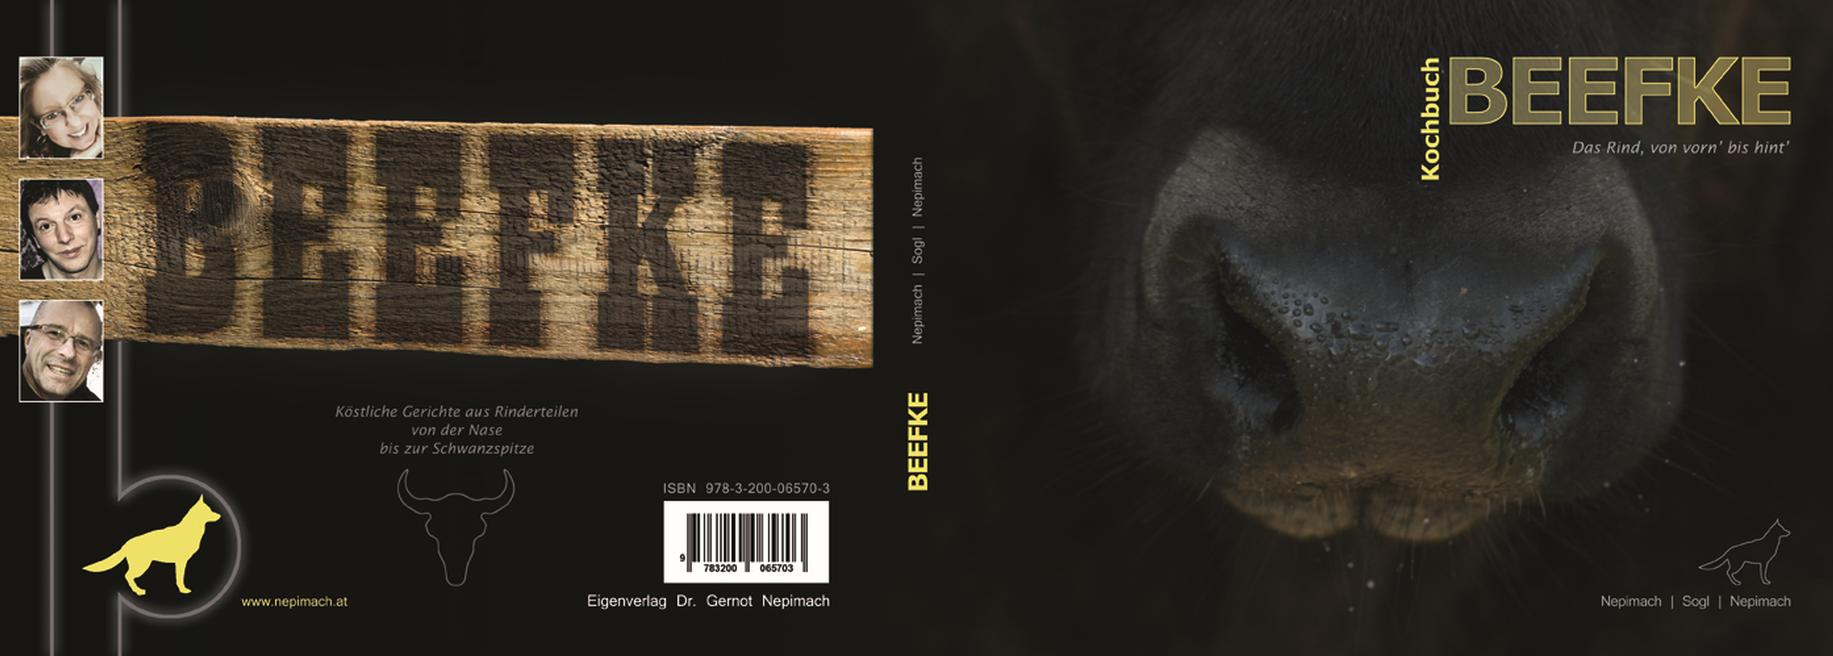 BEEFKE - Das Rind, von vorn' bis hint'